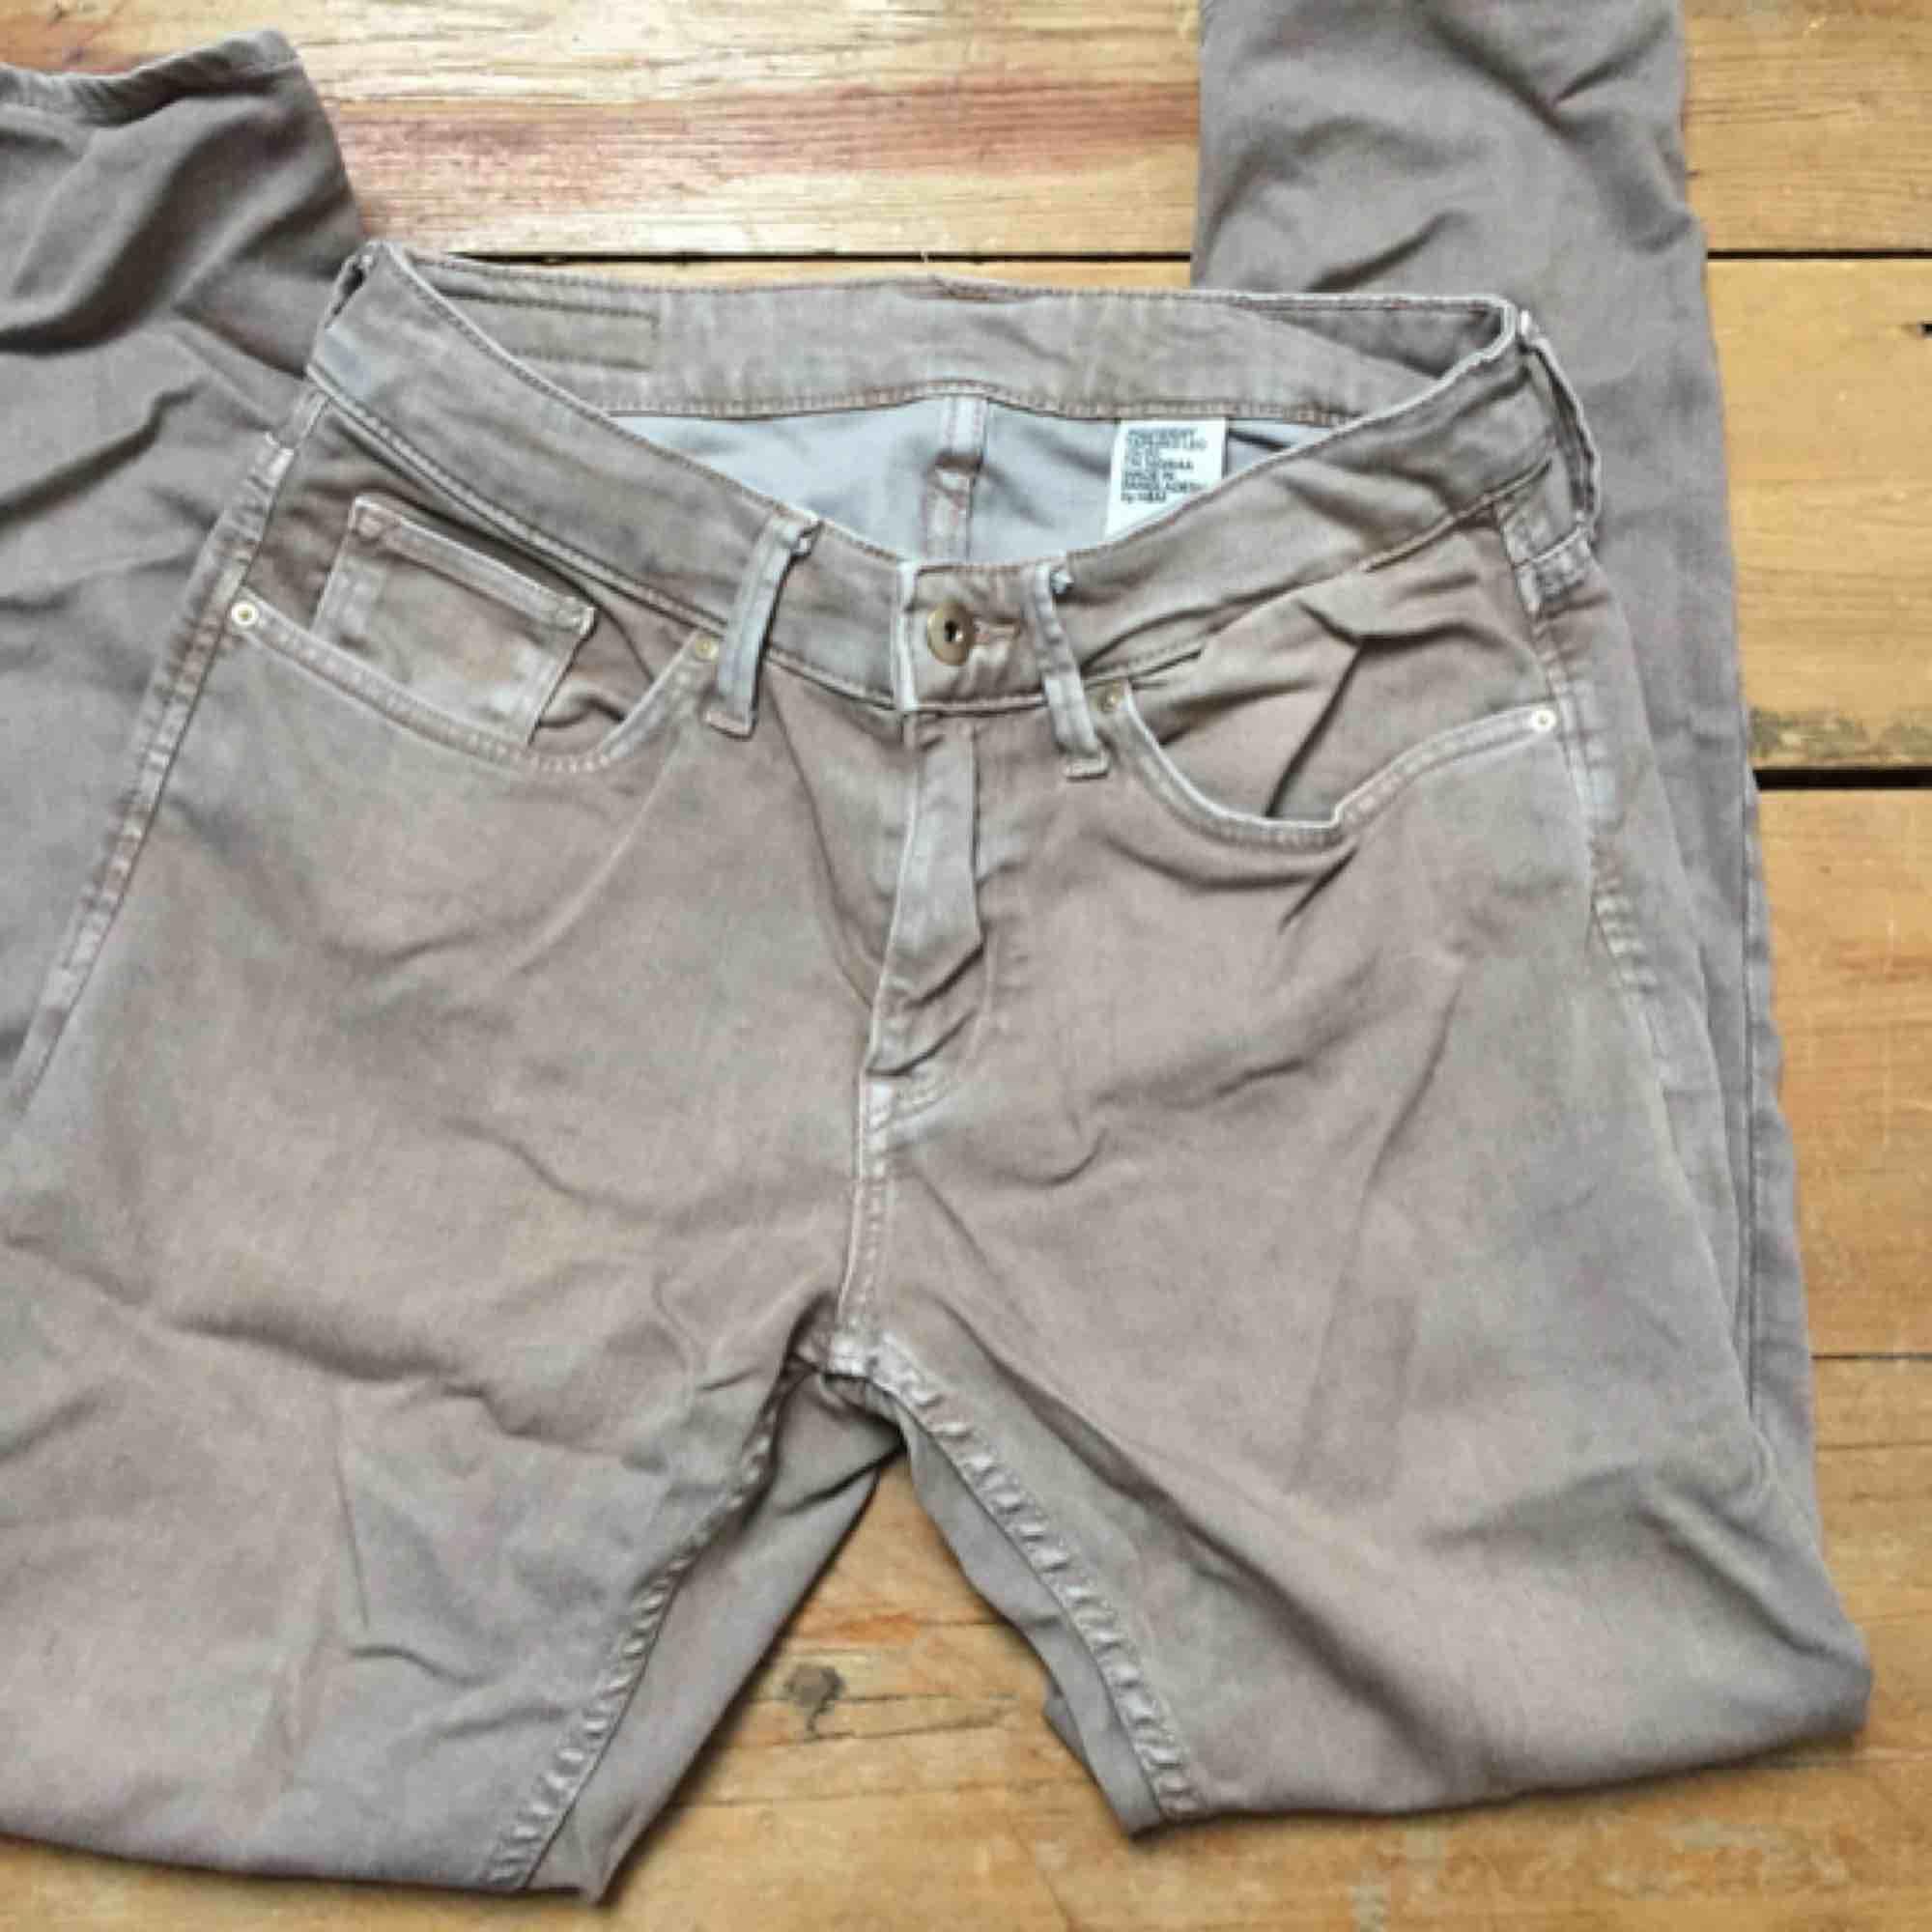 Sköna loose-fit / boyfriend jeans från H&M. Färger är mer åt grårosa hållet, ljuset var inte det bästa. Skön modell som är väldigt mjukt i jeanstyget. Snygga till solbränna på sommaren. . Jeans & Byxor.